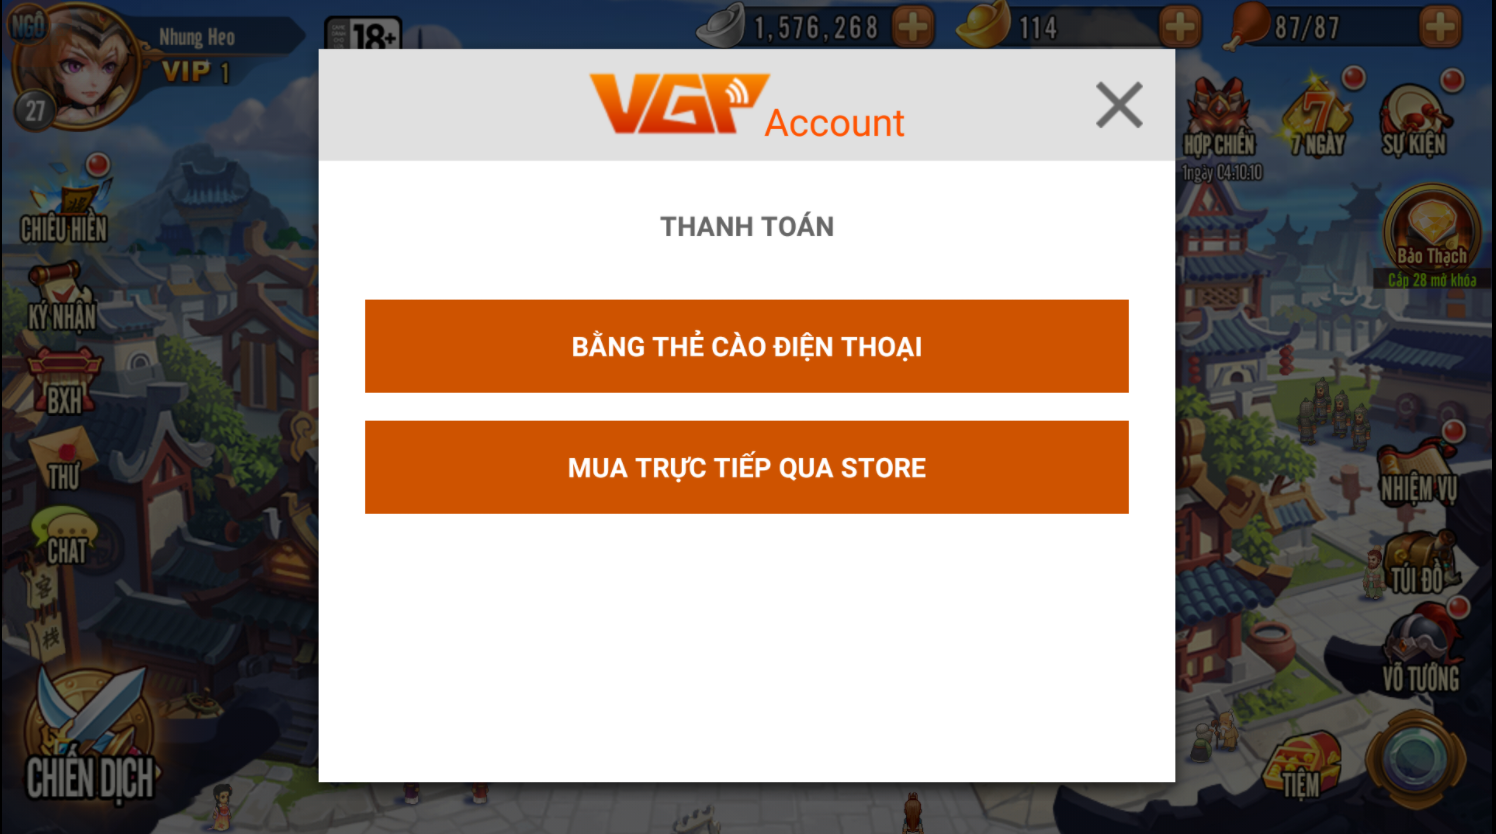 Bước 2: Chọn hình thức thanh toán bằng thẻ cảo